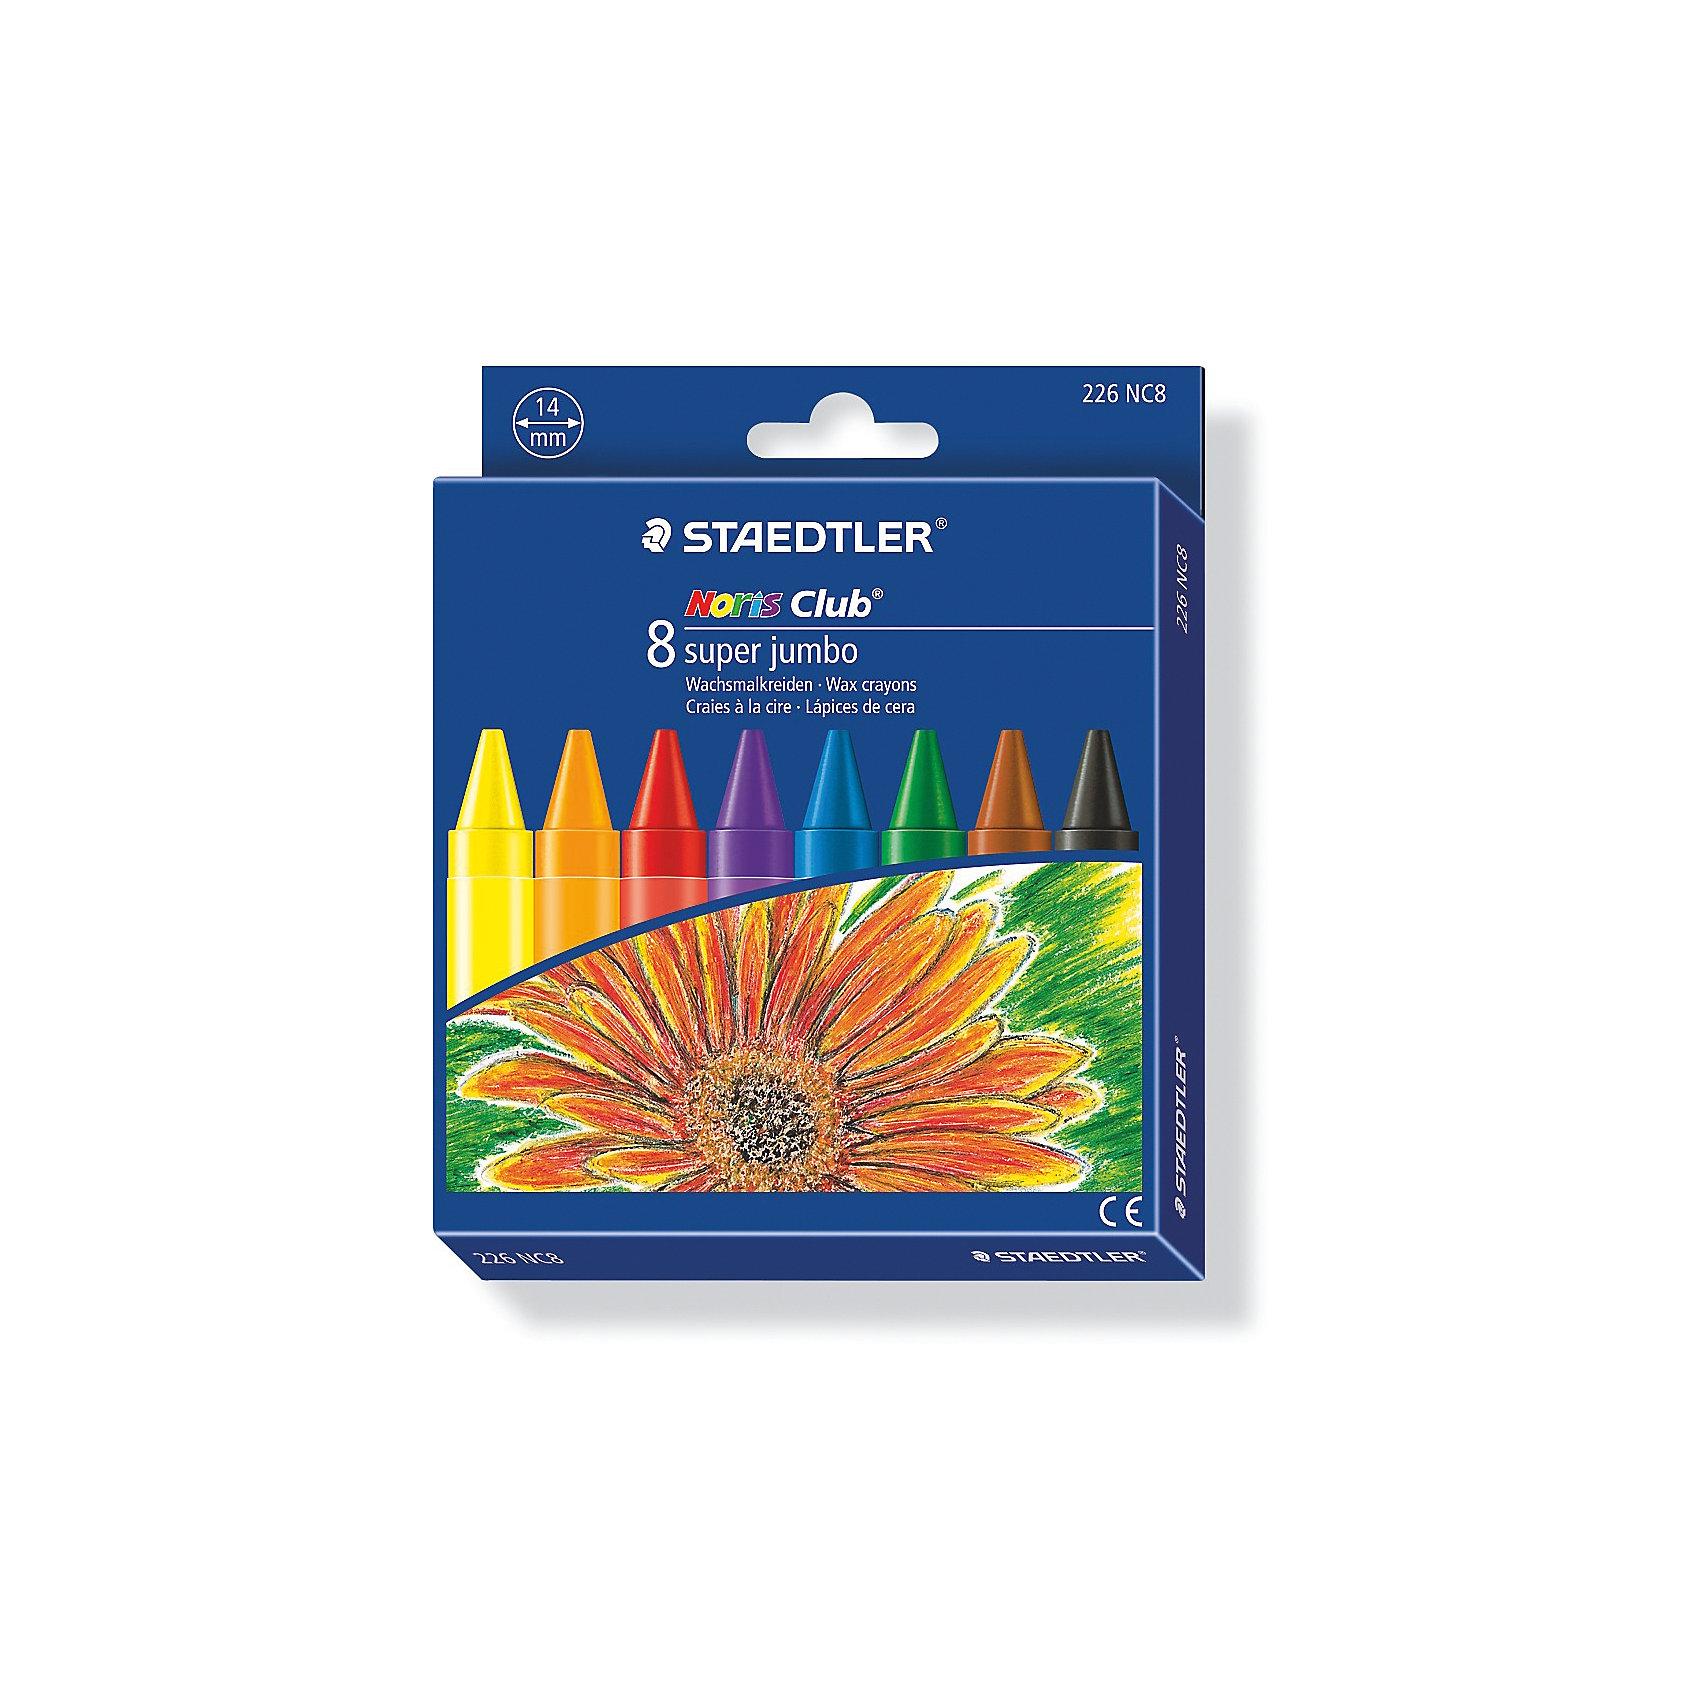 Мелок восковой Noris Club  Super Jumbo, 8 цветов, StaedtlerРисование<br>Мелок восковой Noris Club  Super Jumbo, 8 цветов, Staedtler (Штедлер).<br><br>Характеристики:<br><br>• Для детей в возрасте: от 3 лет<br>• В наборе: 8 ярких разноцветных  мелков<br>• Диаметр: 14 мм.<br>• Держатель: бумажная манжетка с полем для имени<br>• Упаковка: картонная коробка с европодвесом<br>• Размер упаковки: 145х120х16 мм.<br>• Вес: 156 гр.<br><br>Набор восковых мелков Noris Club Super Jumbo непременно, понравится вашему юному художнику. В наборе 8 ярких мелков. Мелки разработаны специально для маленьких детей. Изготовлены с использованием натурального пчелиного воска. Идеальны для раскрашивания больших поверхностей. Высокая устойчивость к поломке. Бумажная манжетка позволяет удобно держать мелок и не пачкать руки.<br><br>Мелок восковой Noris Club  Super Jumbo, 8 цветов, Staedtler (Штедлер) можно купить в нашем интернет-магазине.<br><br>Ширина мм: 144<br>Глубина мм: 120<br>Высота мм: 170<br>Вес г: 169<br>Возраст от месяцев: 36<br>Возраст до месяцев: 2147483647<br>Пол: Унисекс<br>Возраст: Детский<br>SKU: 5529990